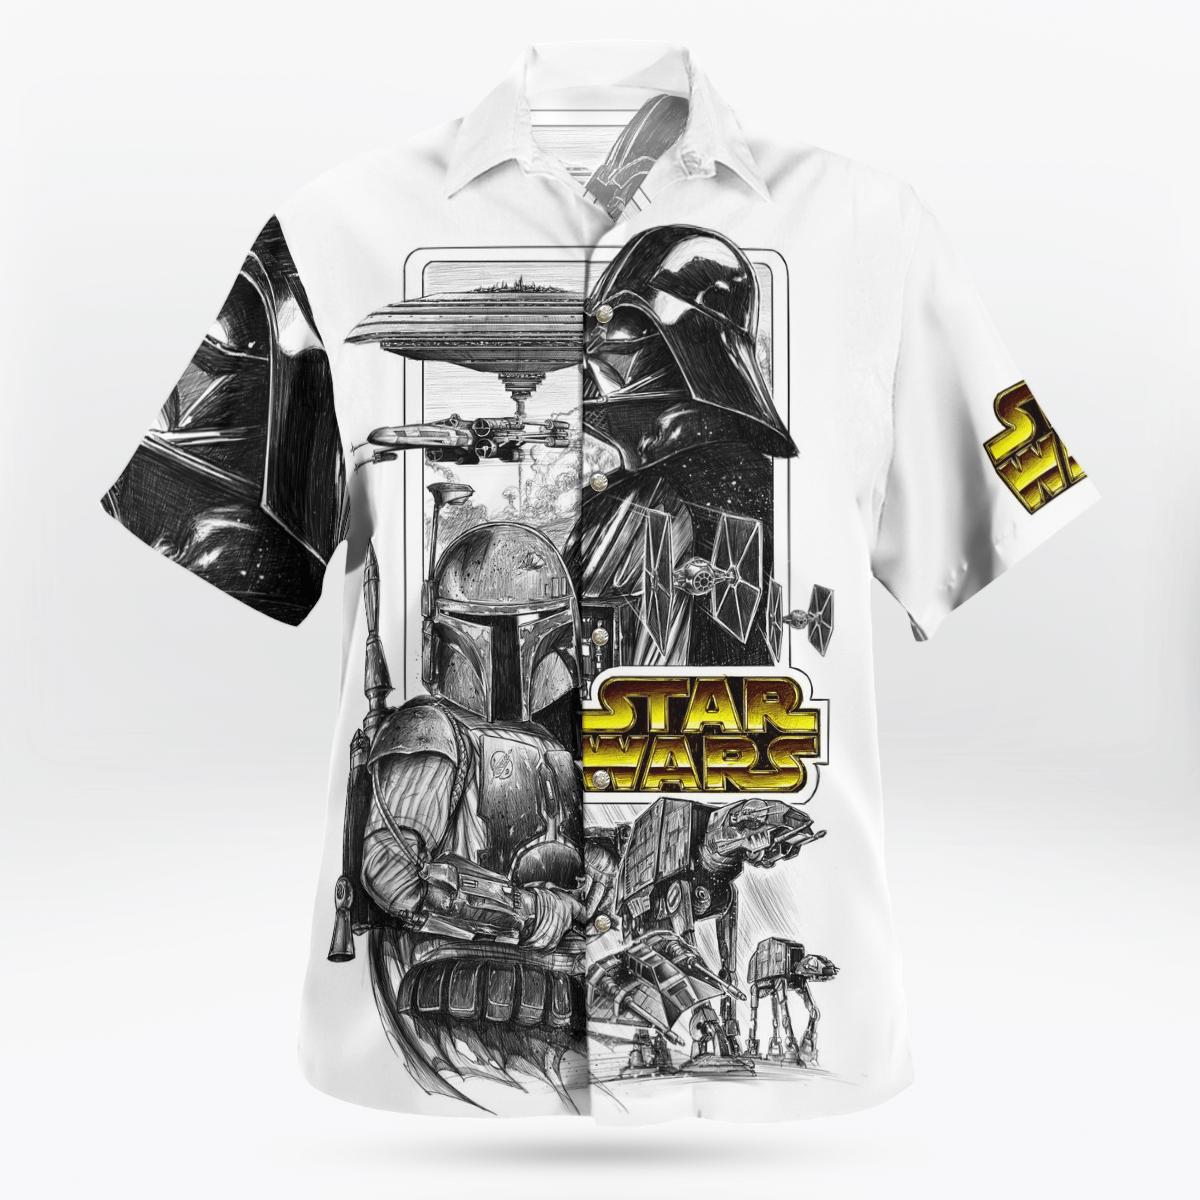 Boba Fett Varth Vader Star wars Hawaiian shirt